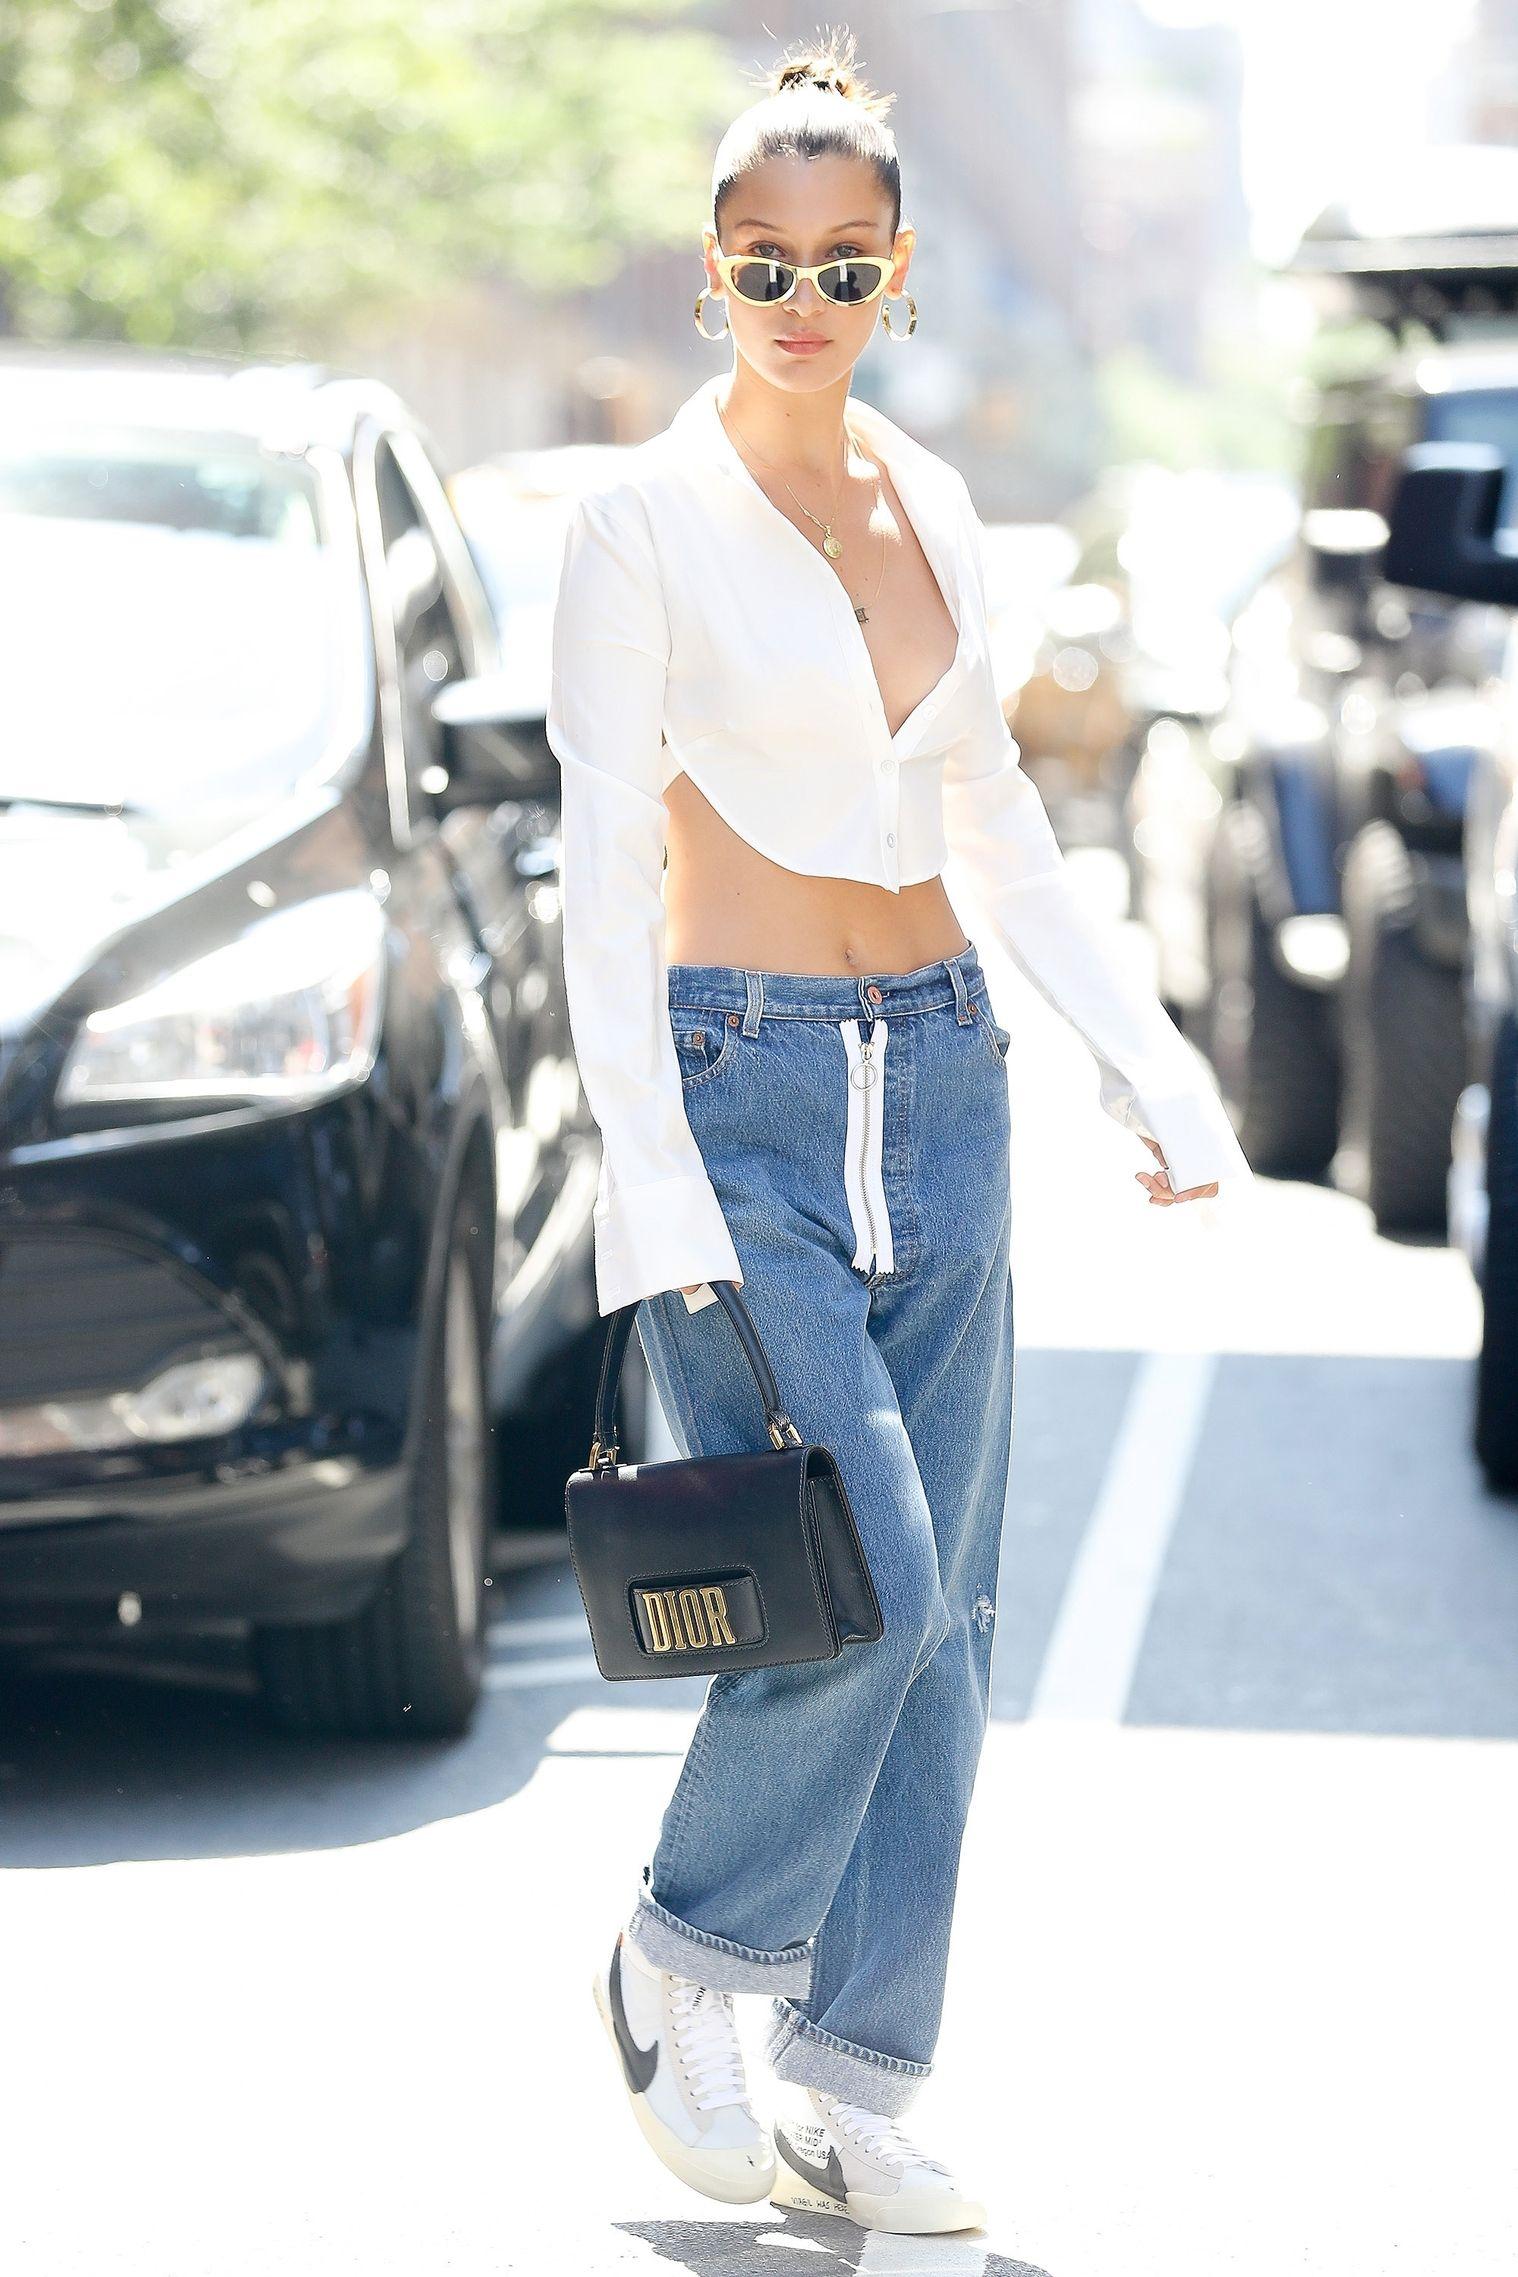 Những chiếc áo trắng là lựa chọn hoàn hảo cho mùa hè. Thử nghiệm với phom dáng mới lạ, kết hợp cùng chiếc túi Dior thời thượng và sang trọng, Bella Hadid thu hút mọi ánh nhìn khi xuất hiện trên đường phố New York.